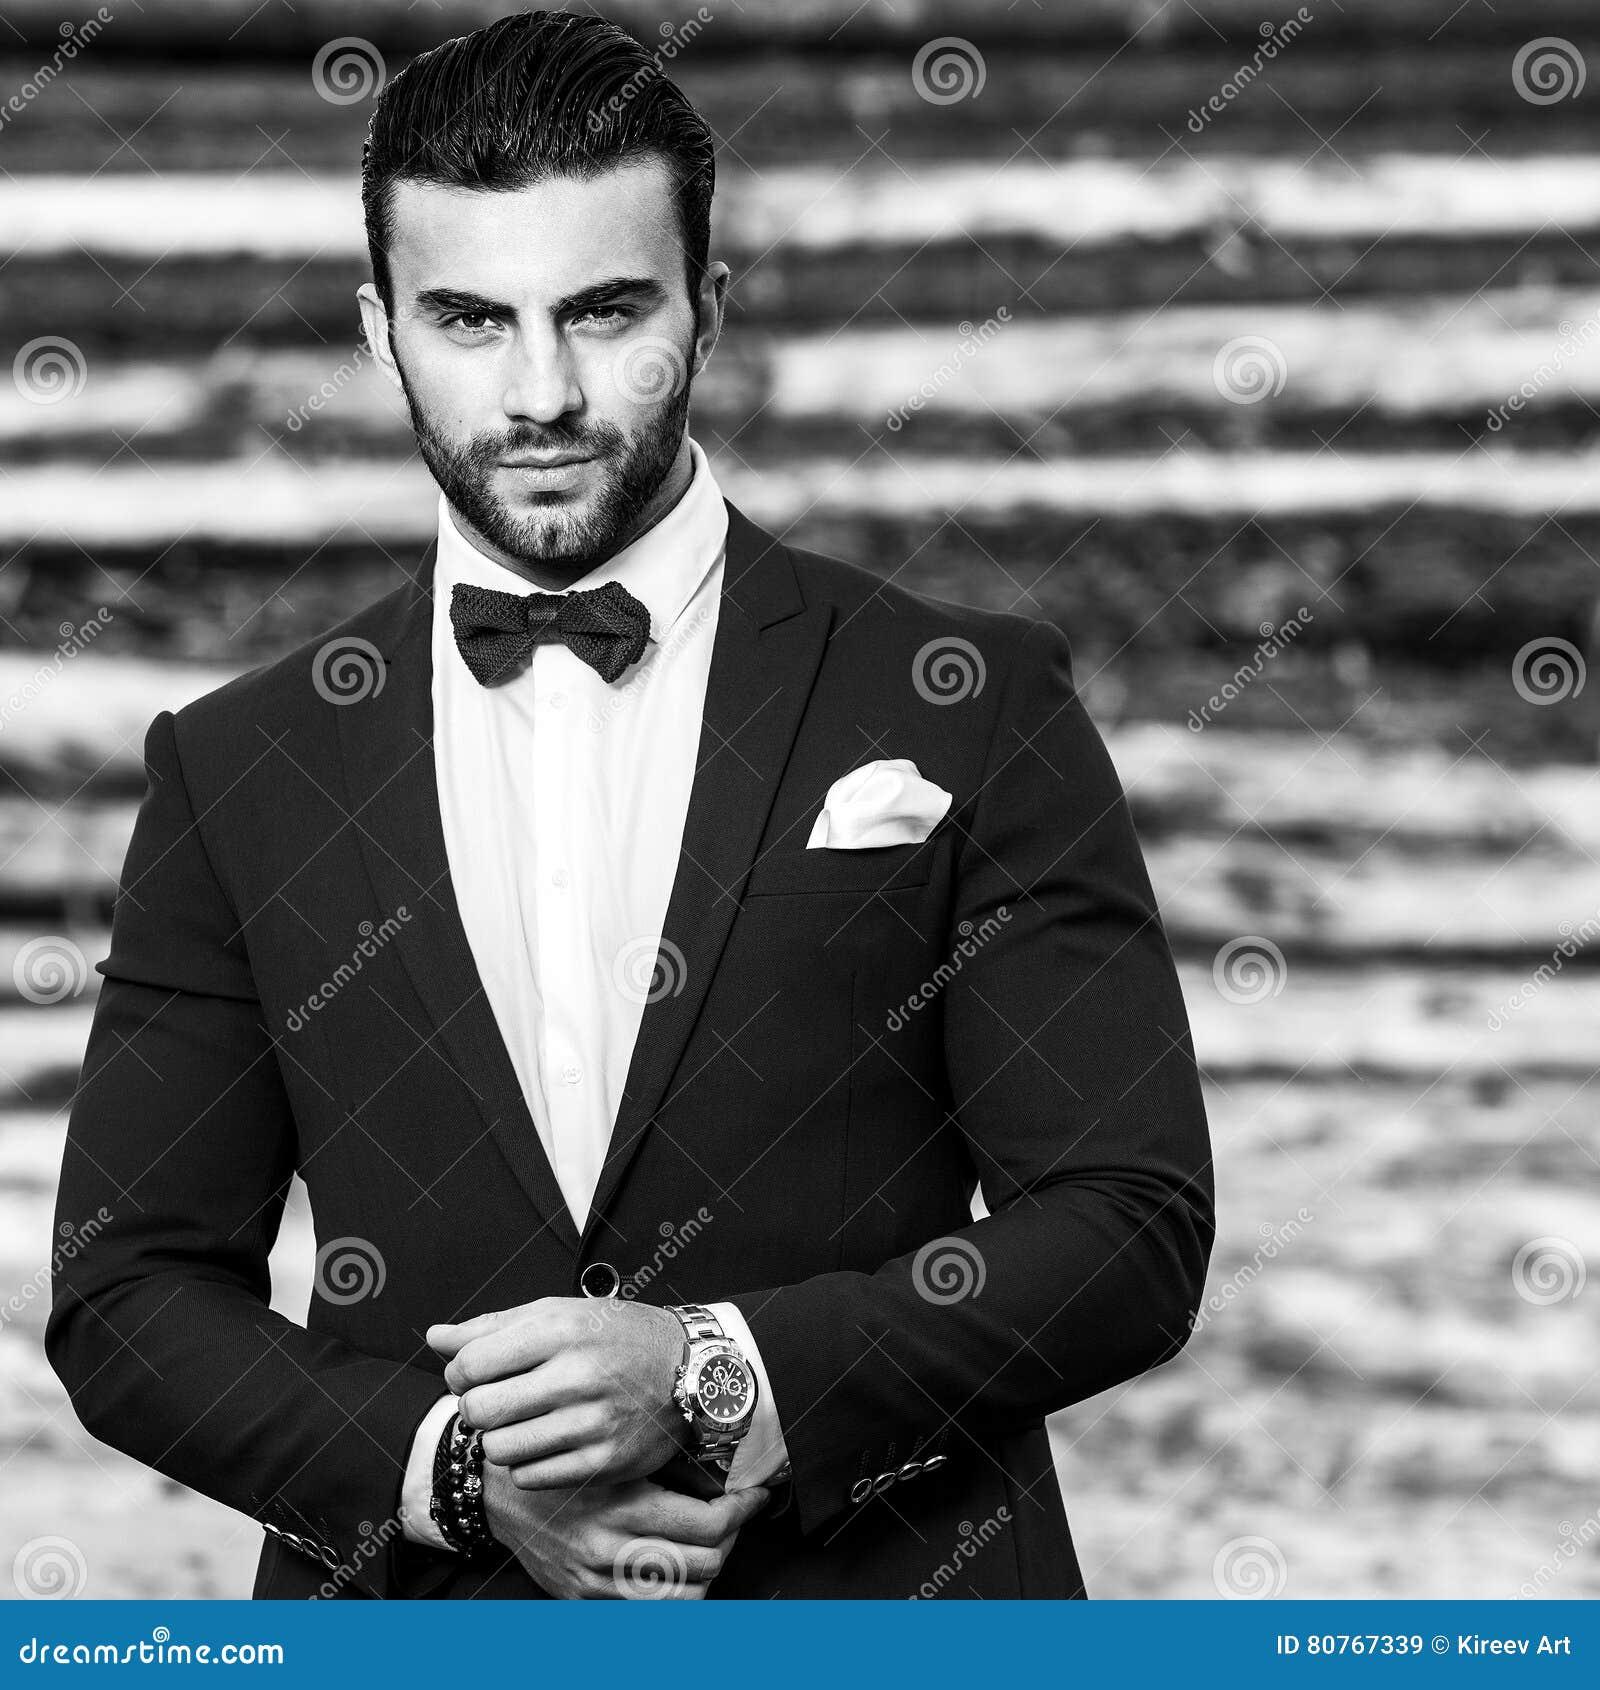 Ritratto bianco Nero di bello uomo alla moda in vestito alla moda contro  fondo di legno 37a5d5a3c07